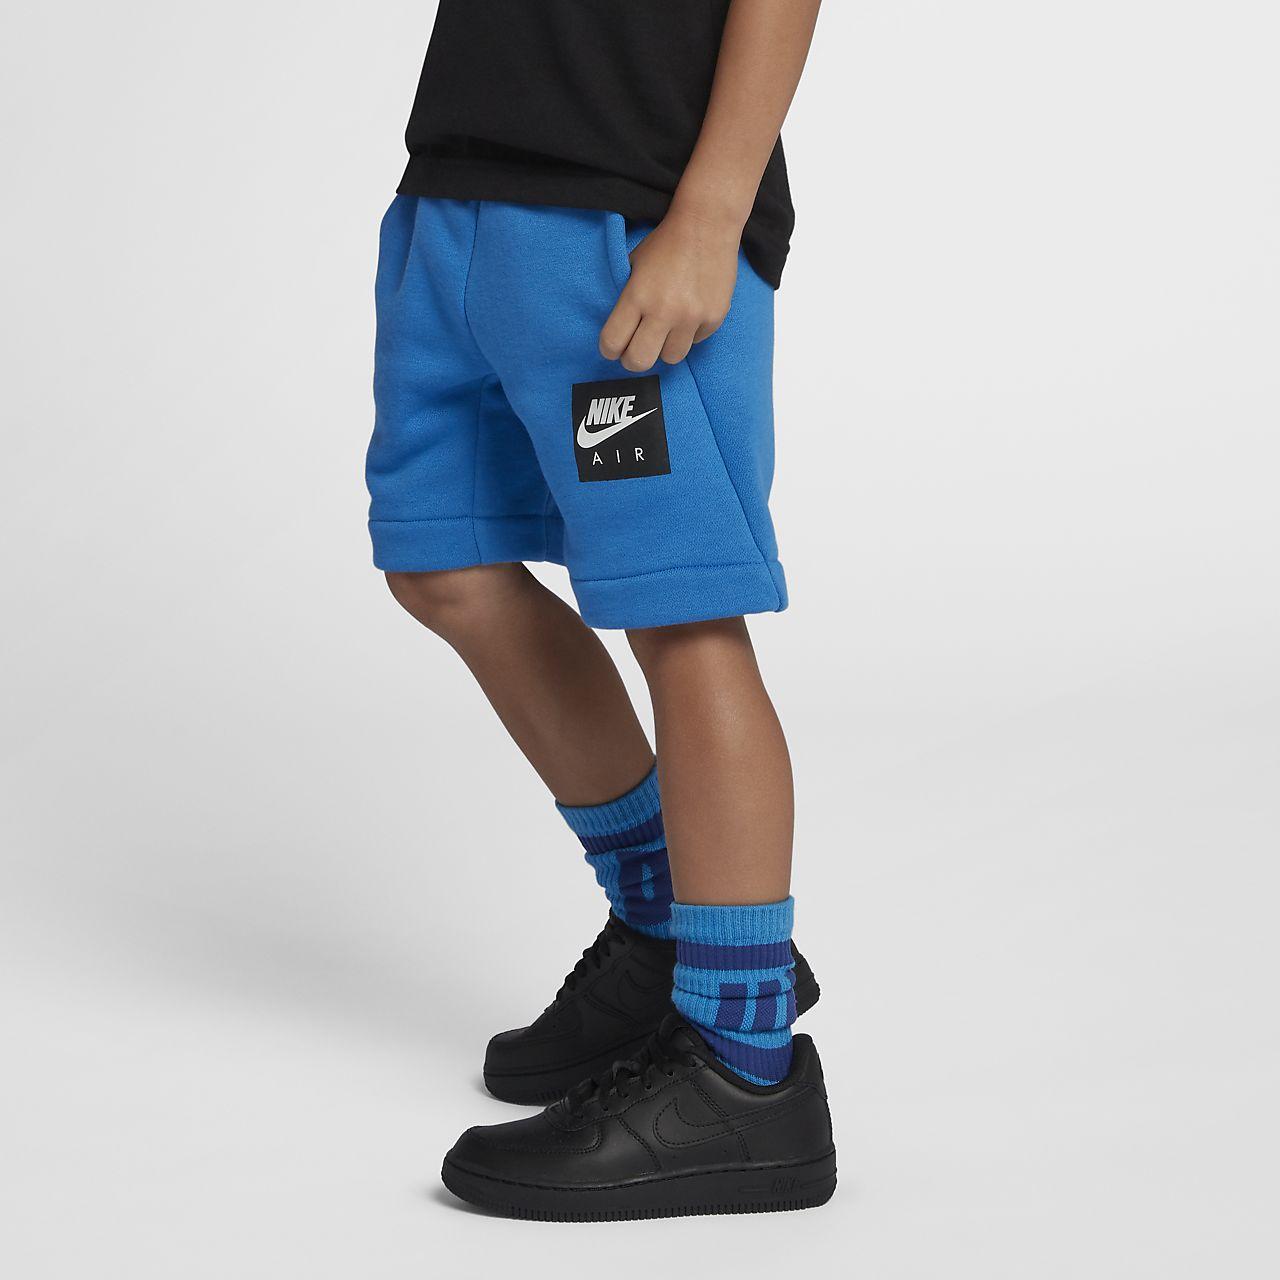 Nike Air kötött rövidnadrág kisebb gyerekeknek